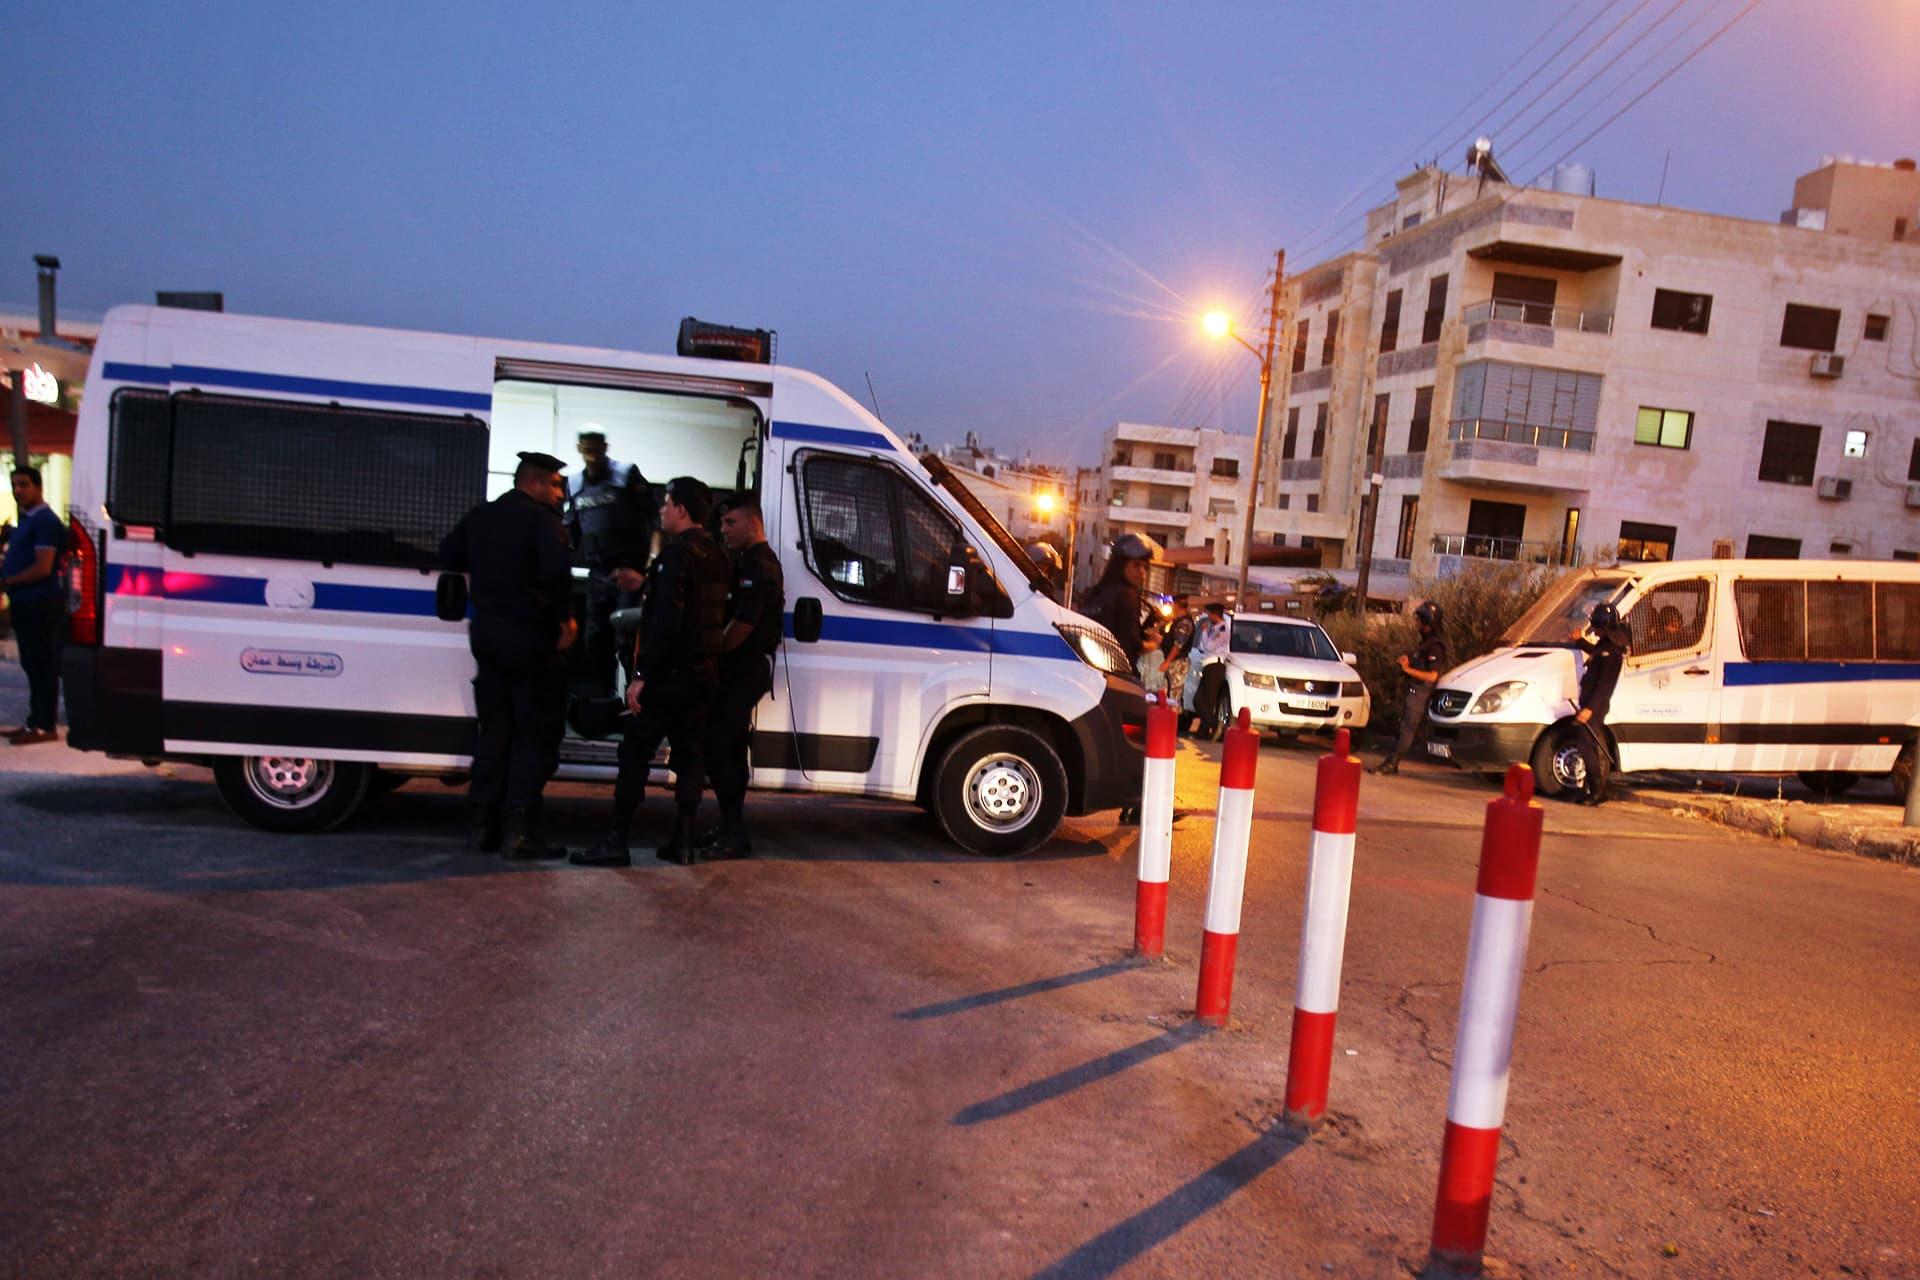 Jordanian turvallisuusjoukkoja Israelin lähetystön edustalla iskun jälkeen.